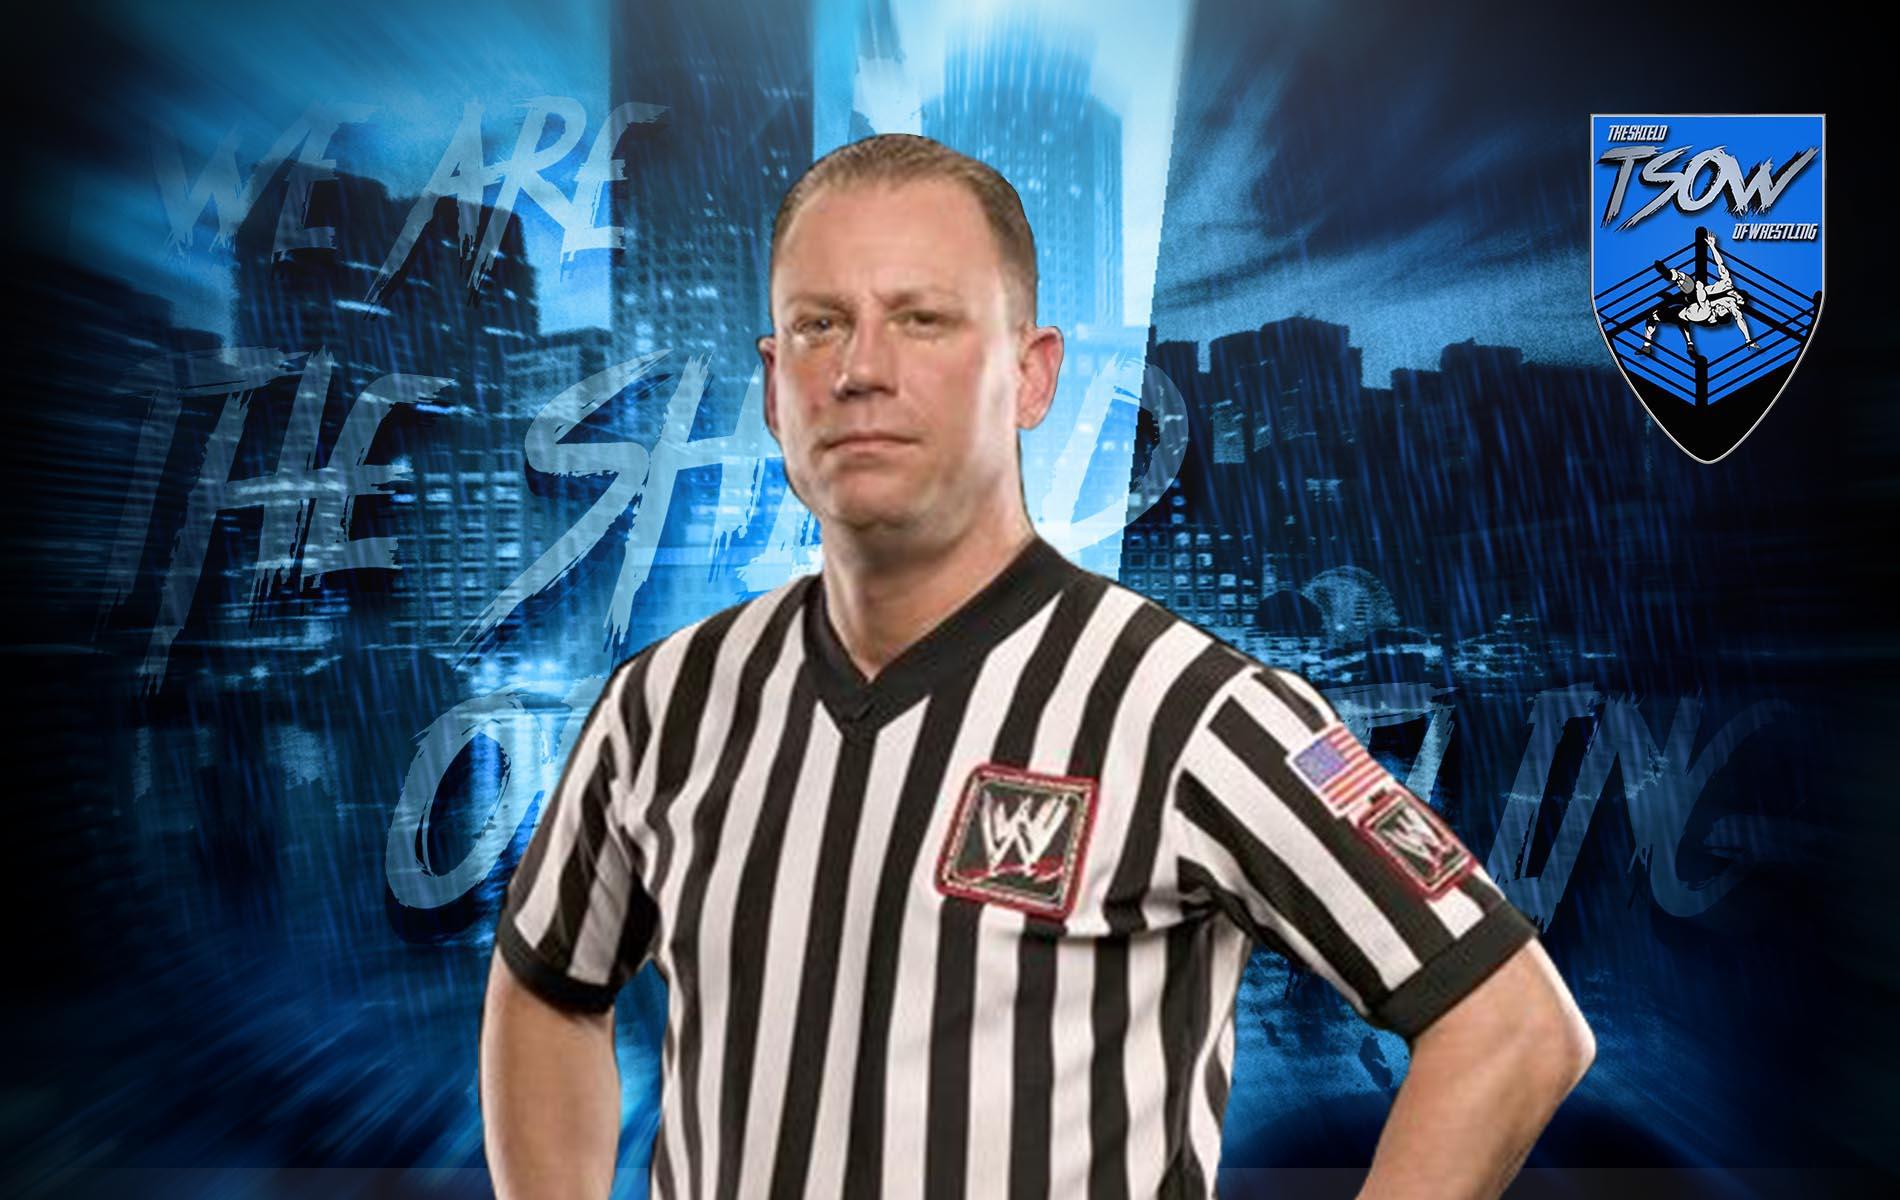 Edge e Randy Orton volevano Mike Chioda come arbitro